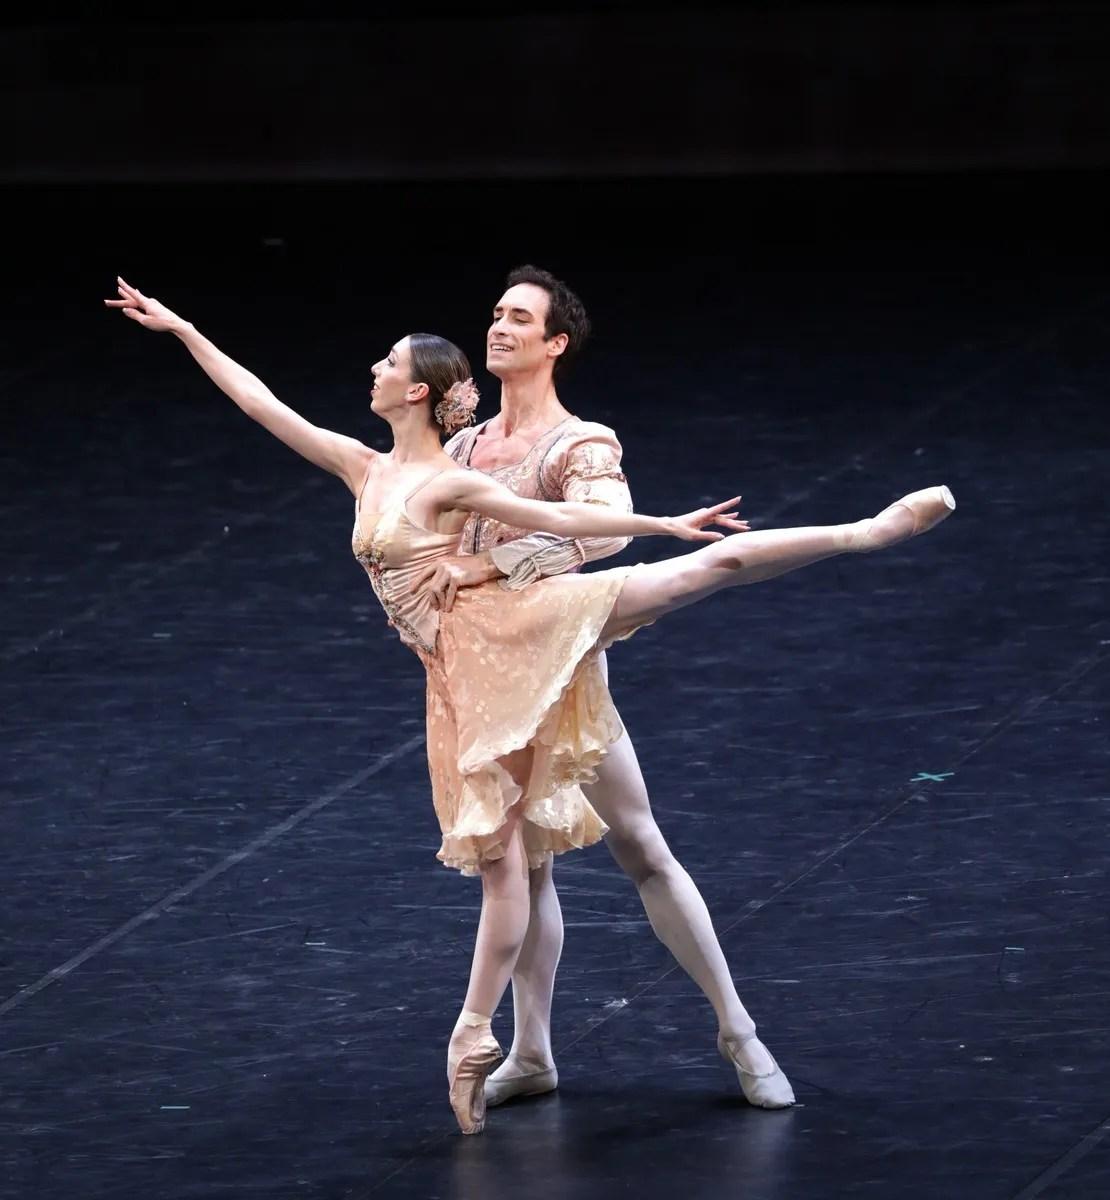 VERDI SUITE Maria Celeste Losa Gabriele Corrado, photo by Brescia e Amisano ©Teatro alla Scala (3)